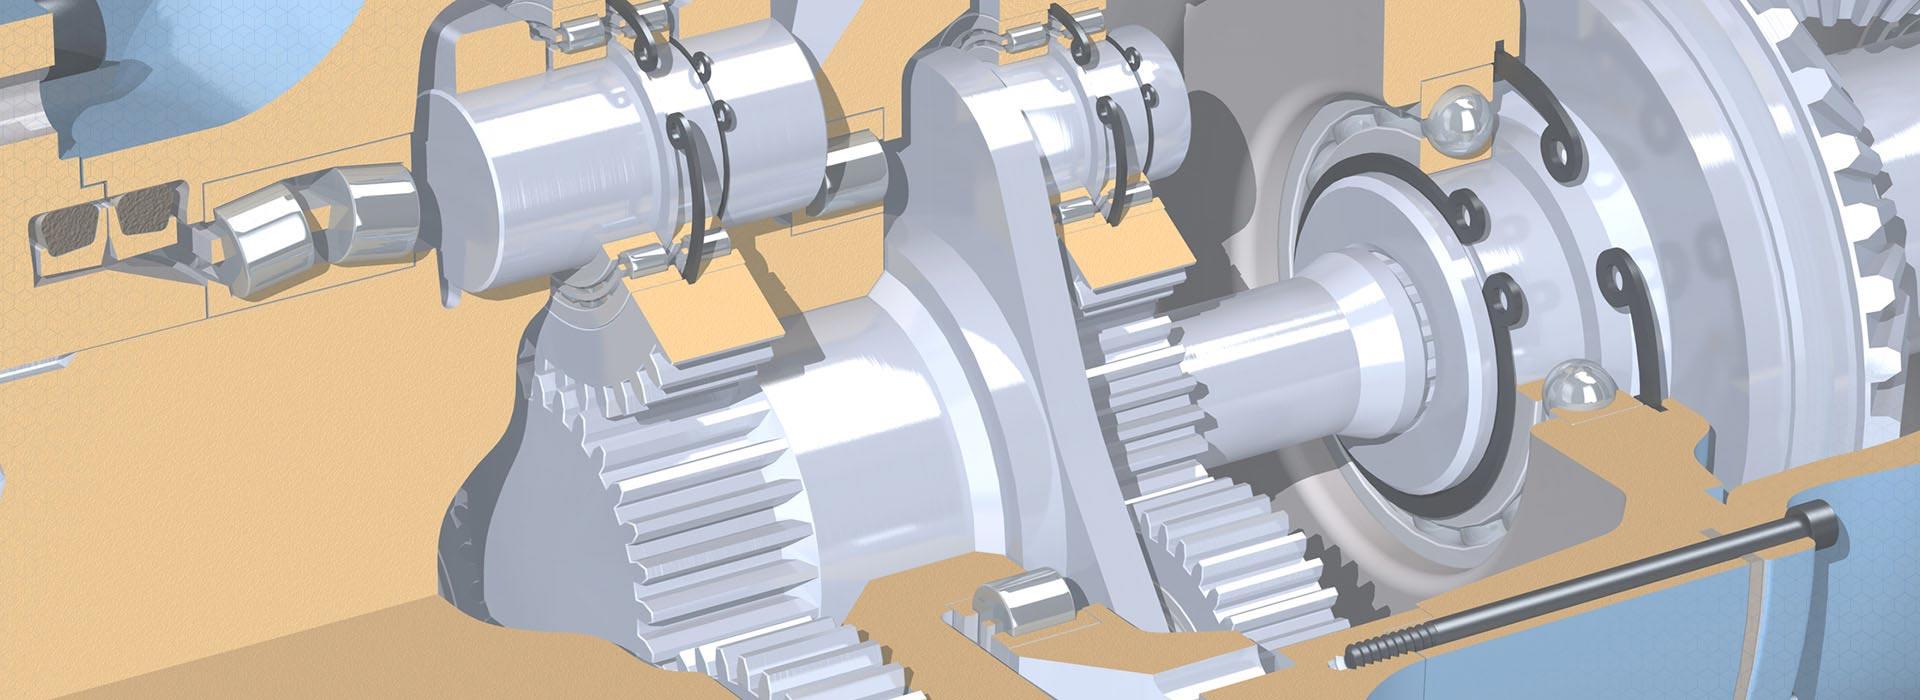 curso-3d-Siemens